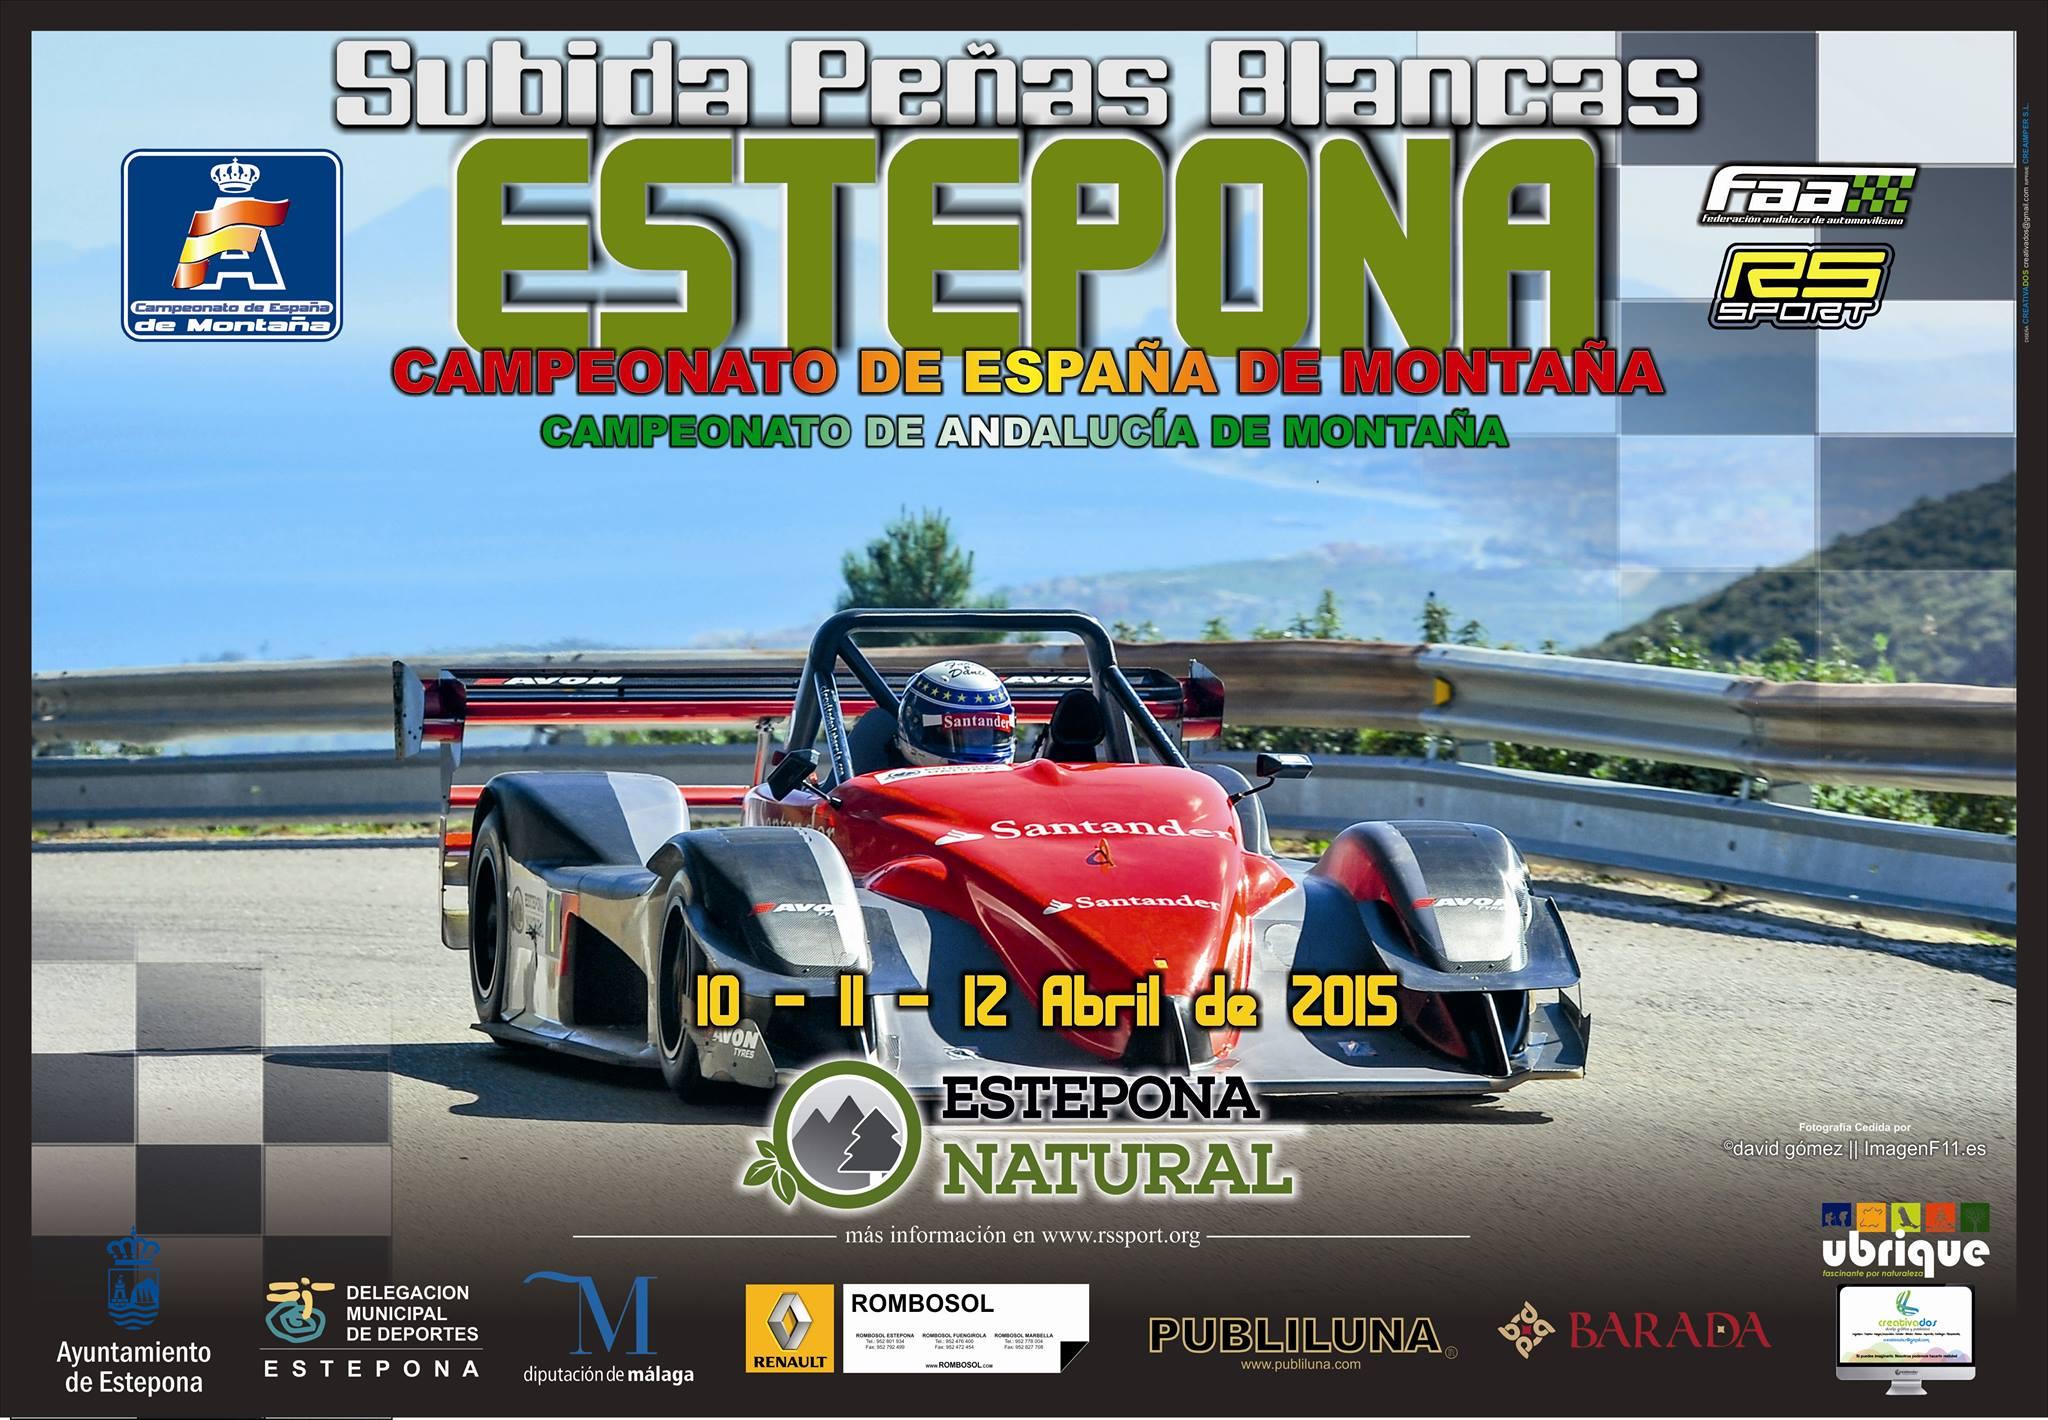 Cartel Subida a Estepona 2015, imagenf11, Andrés Vilariño